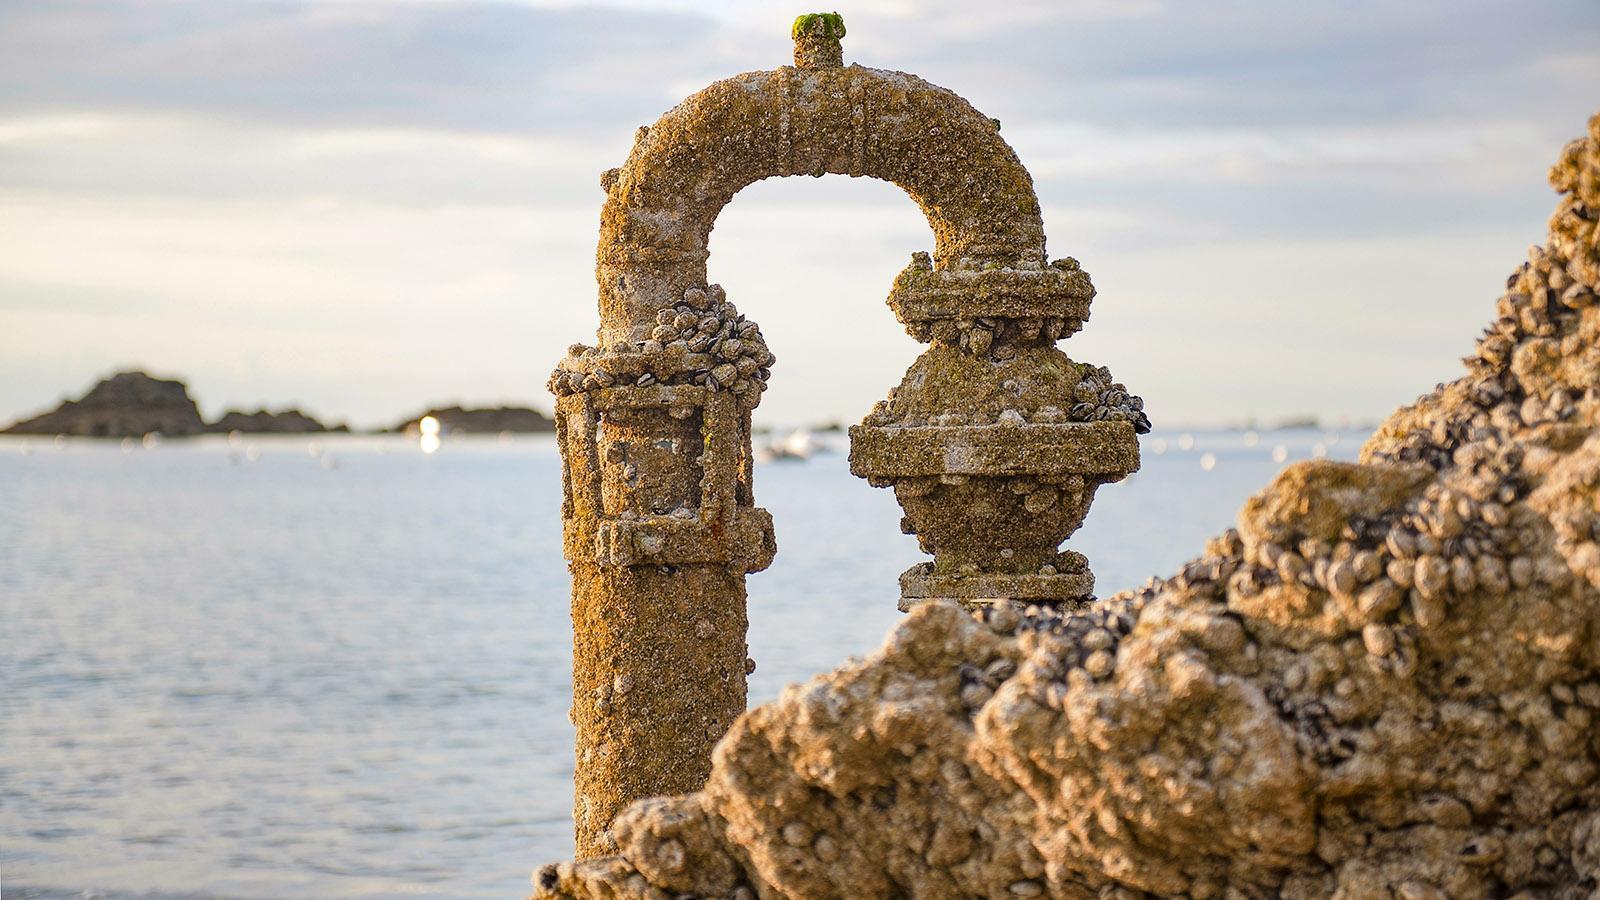 Vom Meer verzaubert: eine alte Leitung bei Saint-Lunaire. Foto: Hilke Maunder